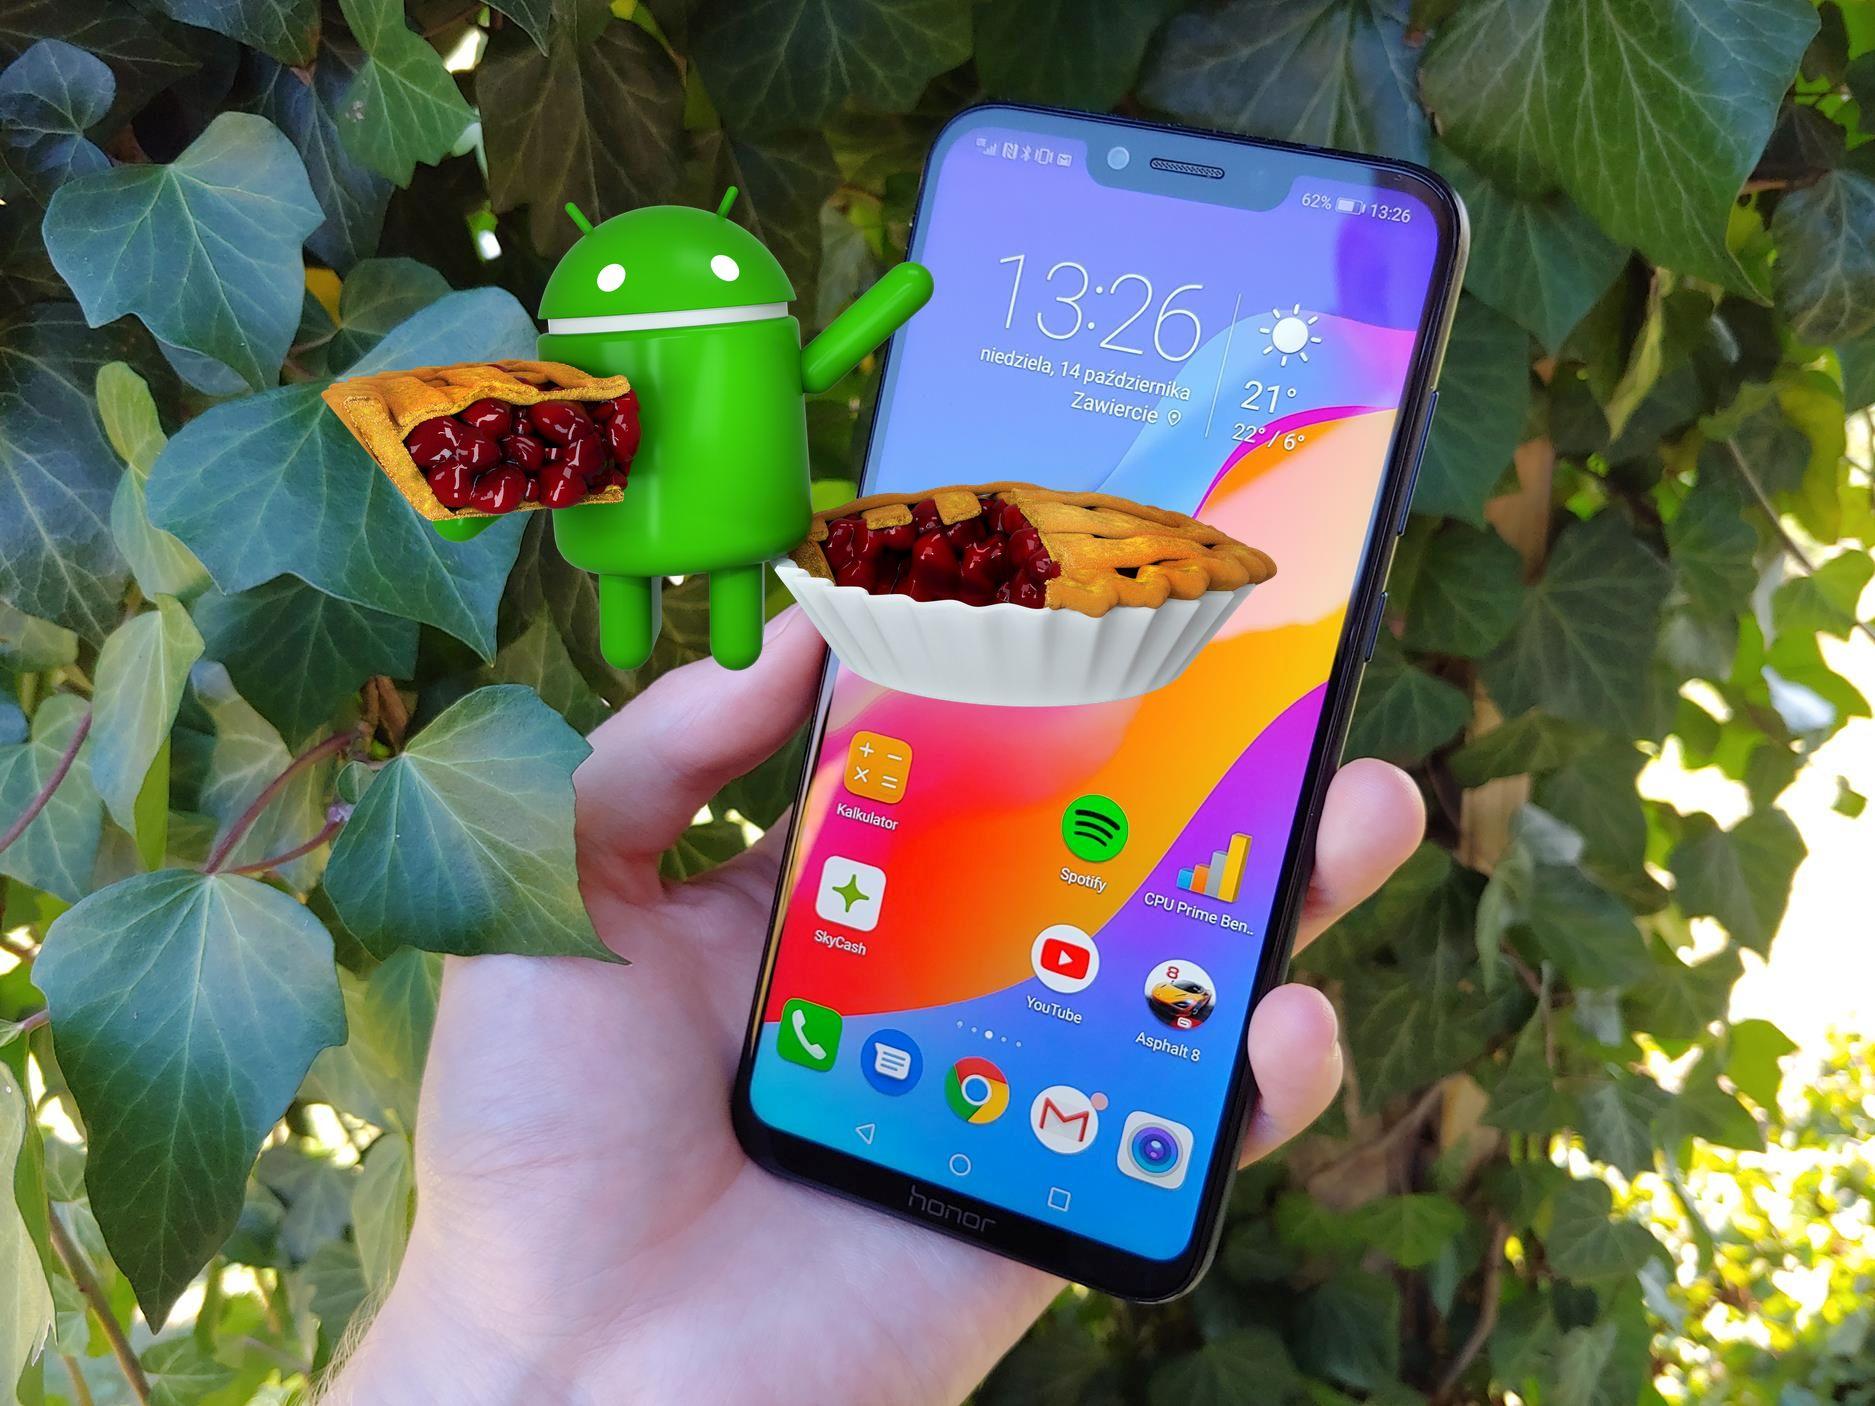 Honor Play dostaje w Polsce aktualizację do Androida 9. Możesz zechcieć zastanowić się, czy ją instalować 21